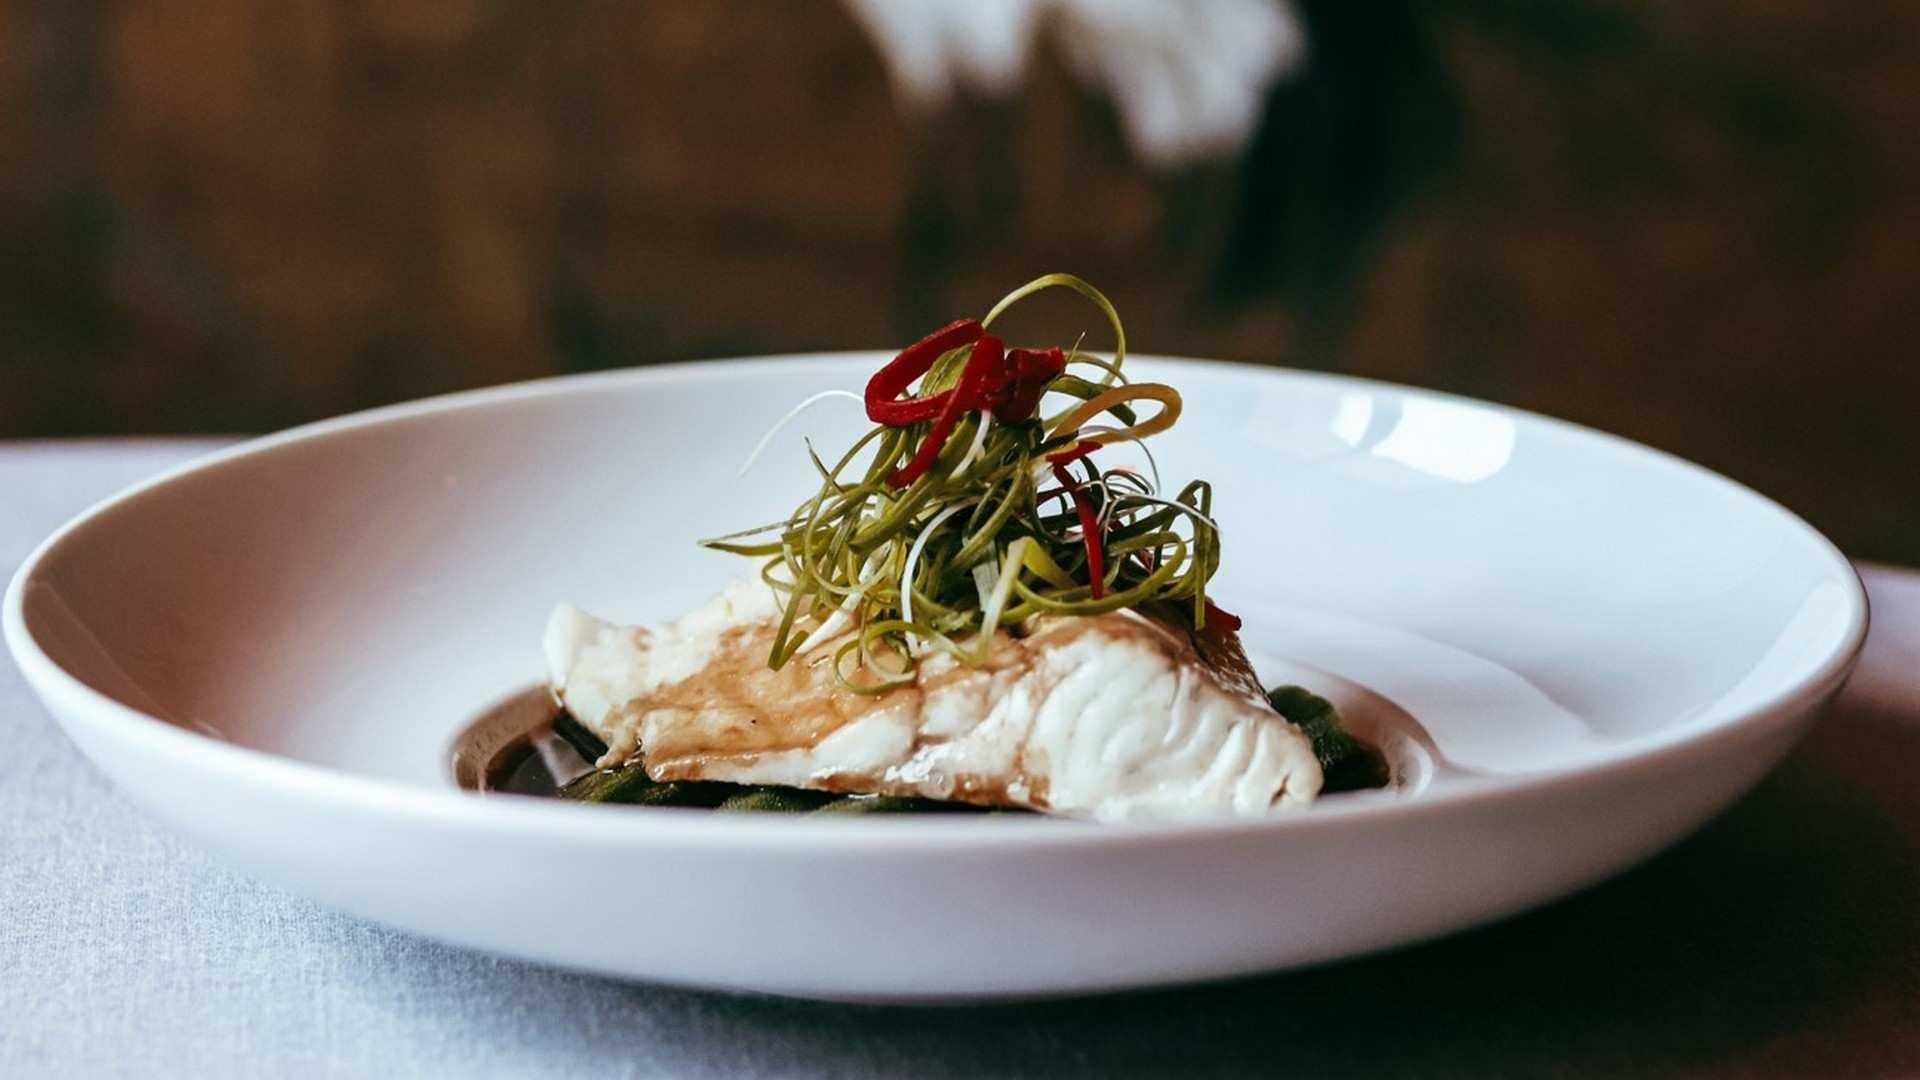 Asia Gallery Lagasca nos seduce con el exquisito menú Palace Edition